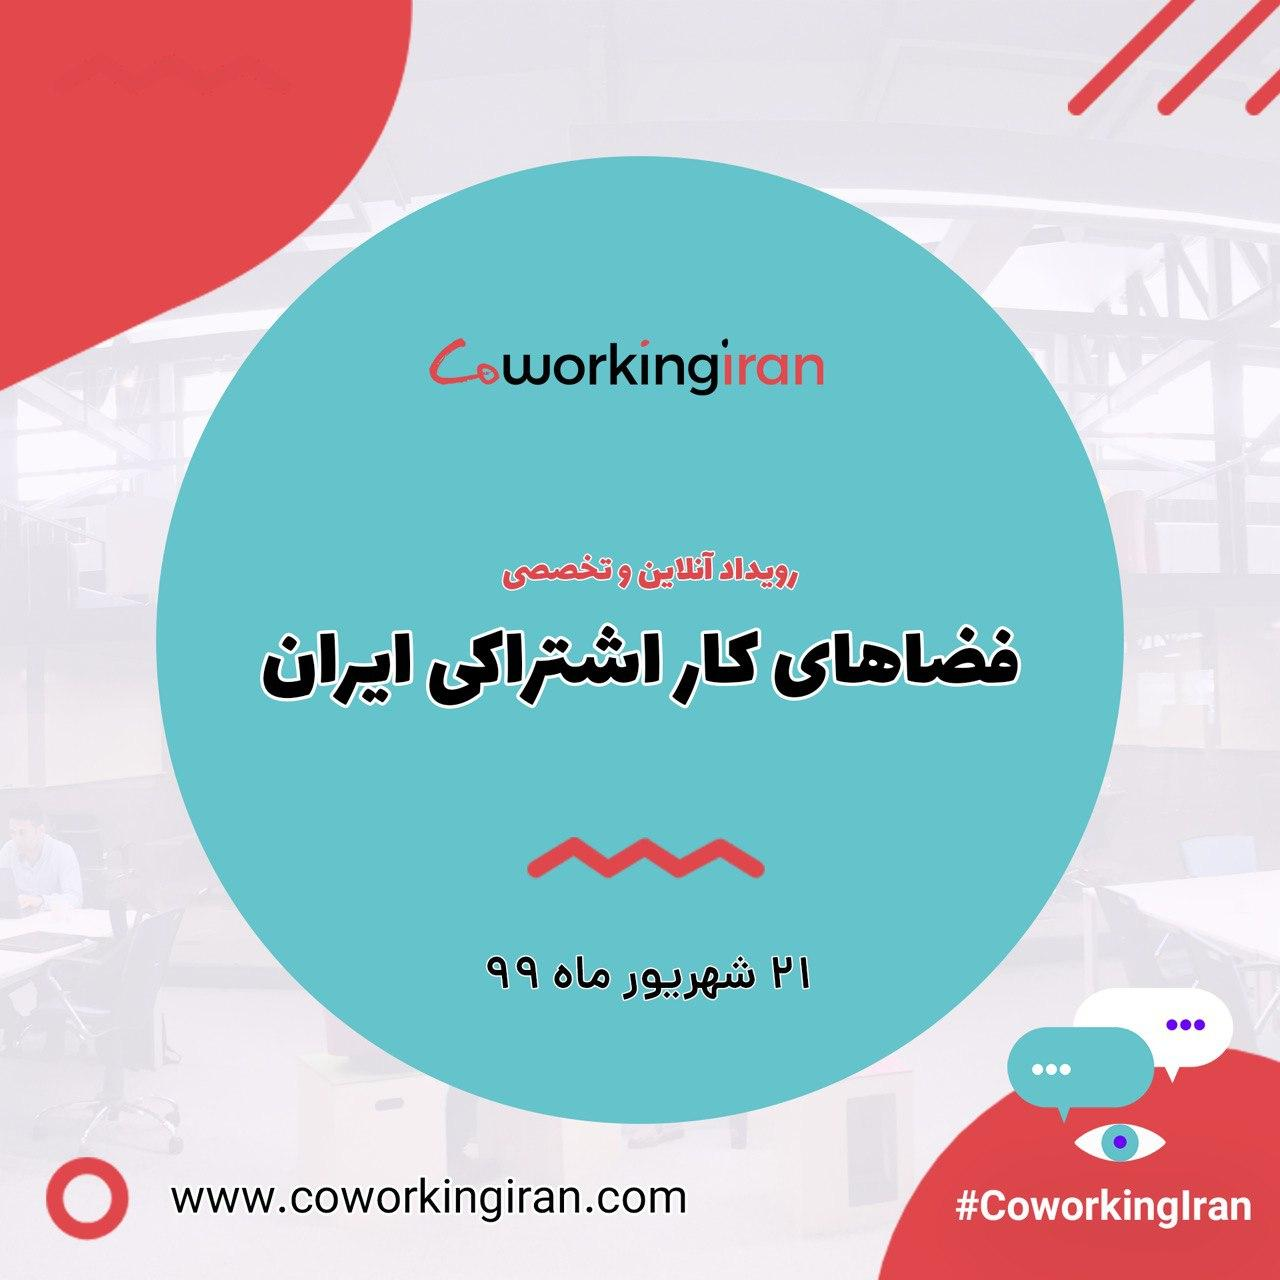 کوورکینگ ایران، رویدادی برای صاحبان فضاهای کاری مشترک